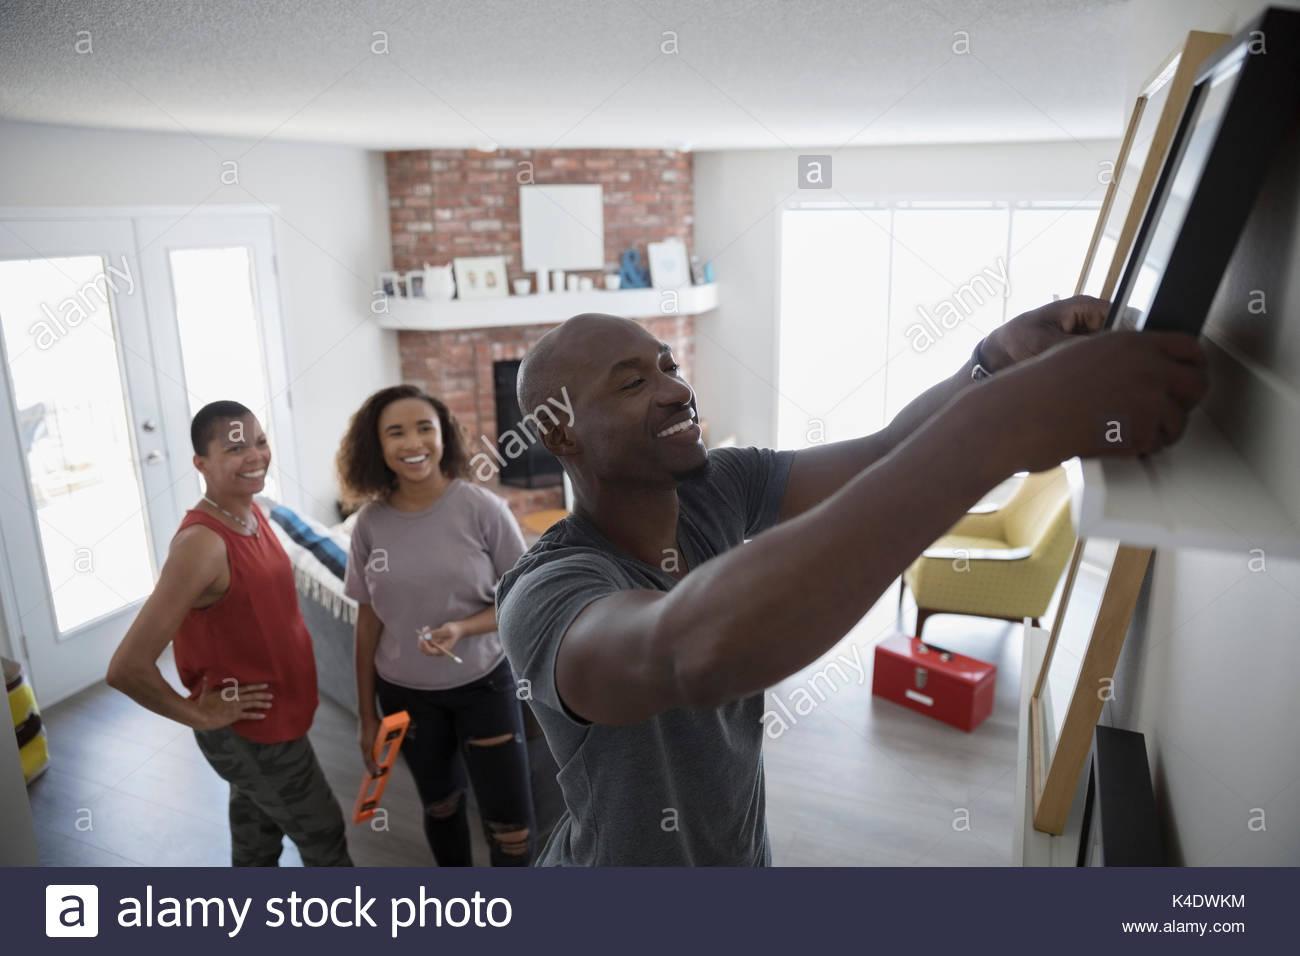 Familie Aufhängen Bilderrahmen Auf Dem Regal Im Wohnzimmer Stockfoto